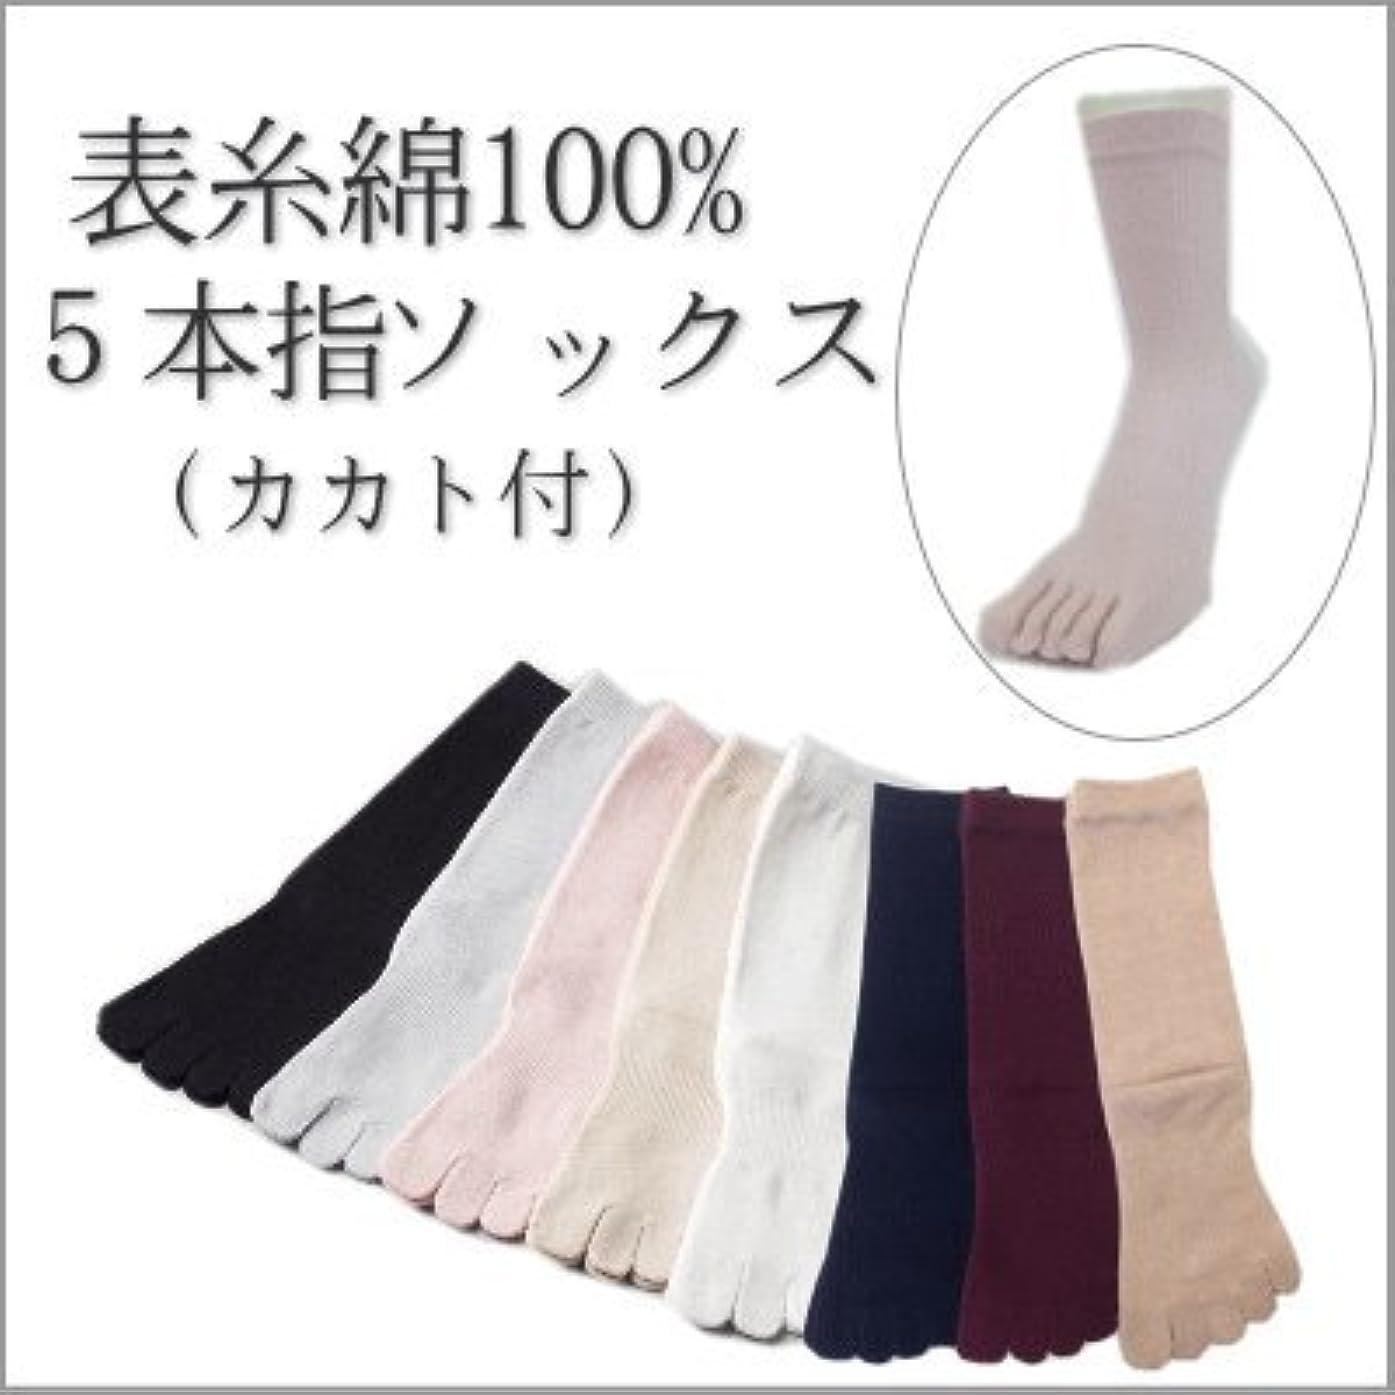 誓約些細遅れ女性用 5本指 ソックス 抗菌防臭 加工 綿100%糸使用 老舗 靴下 メーカーのこだわり 23-25cm 太陽ニット 320(ピンク)